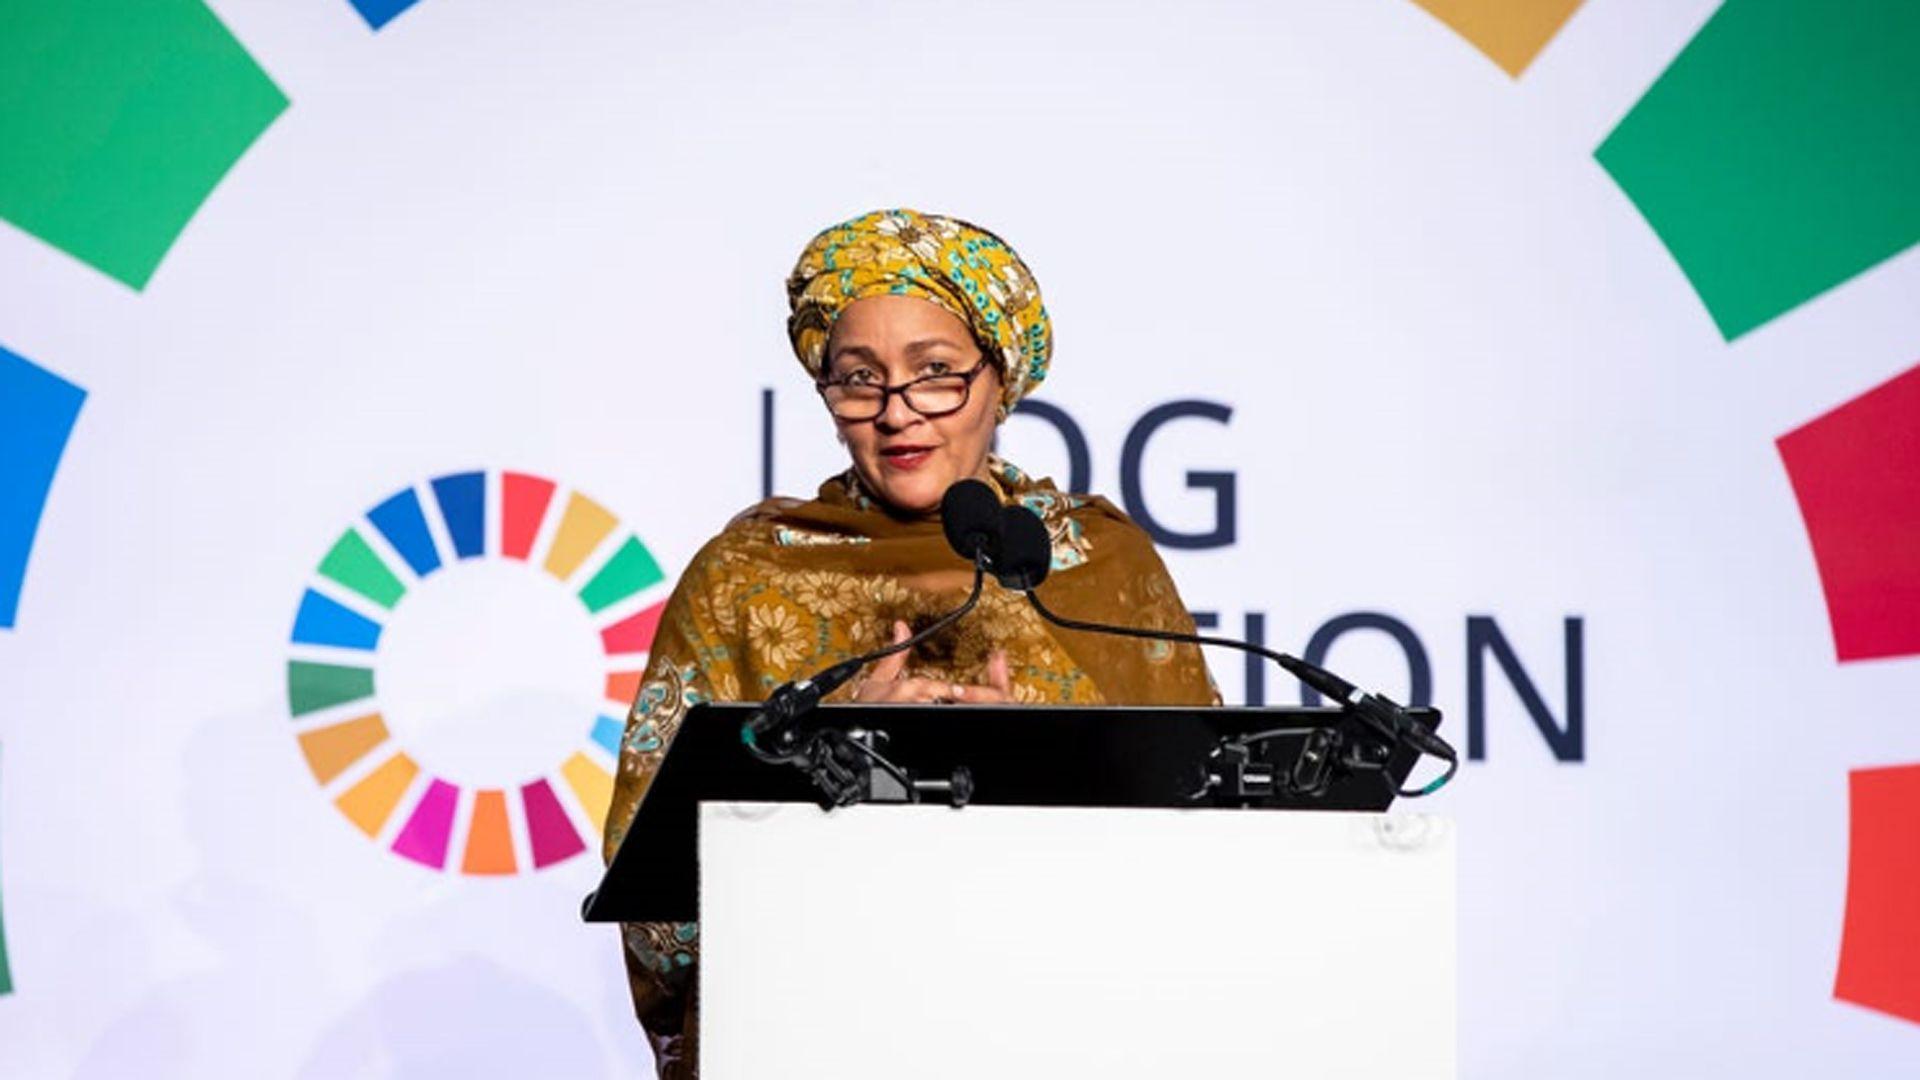 La subsecretaria general de las Naciones Unidas, Amina Mohammed, habla durante la semana de la AGNU de 2019 en Nueva York